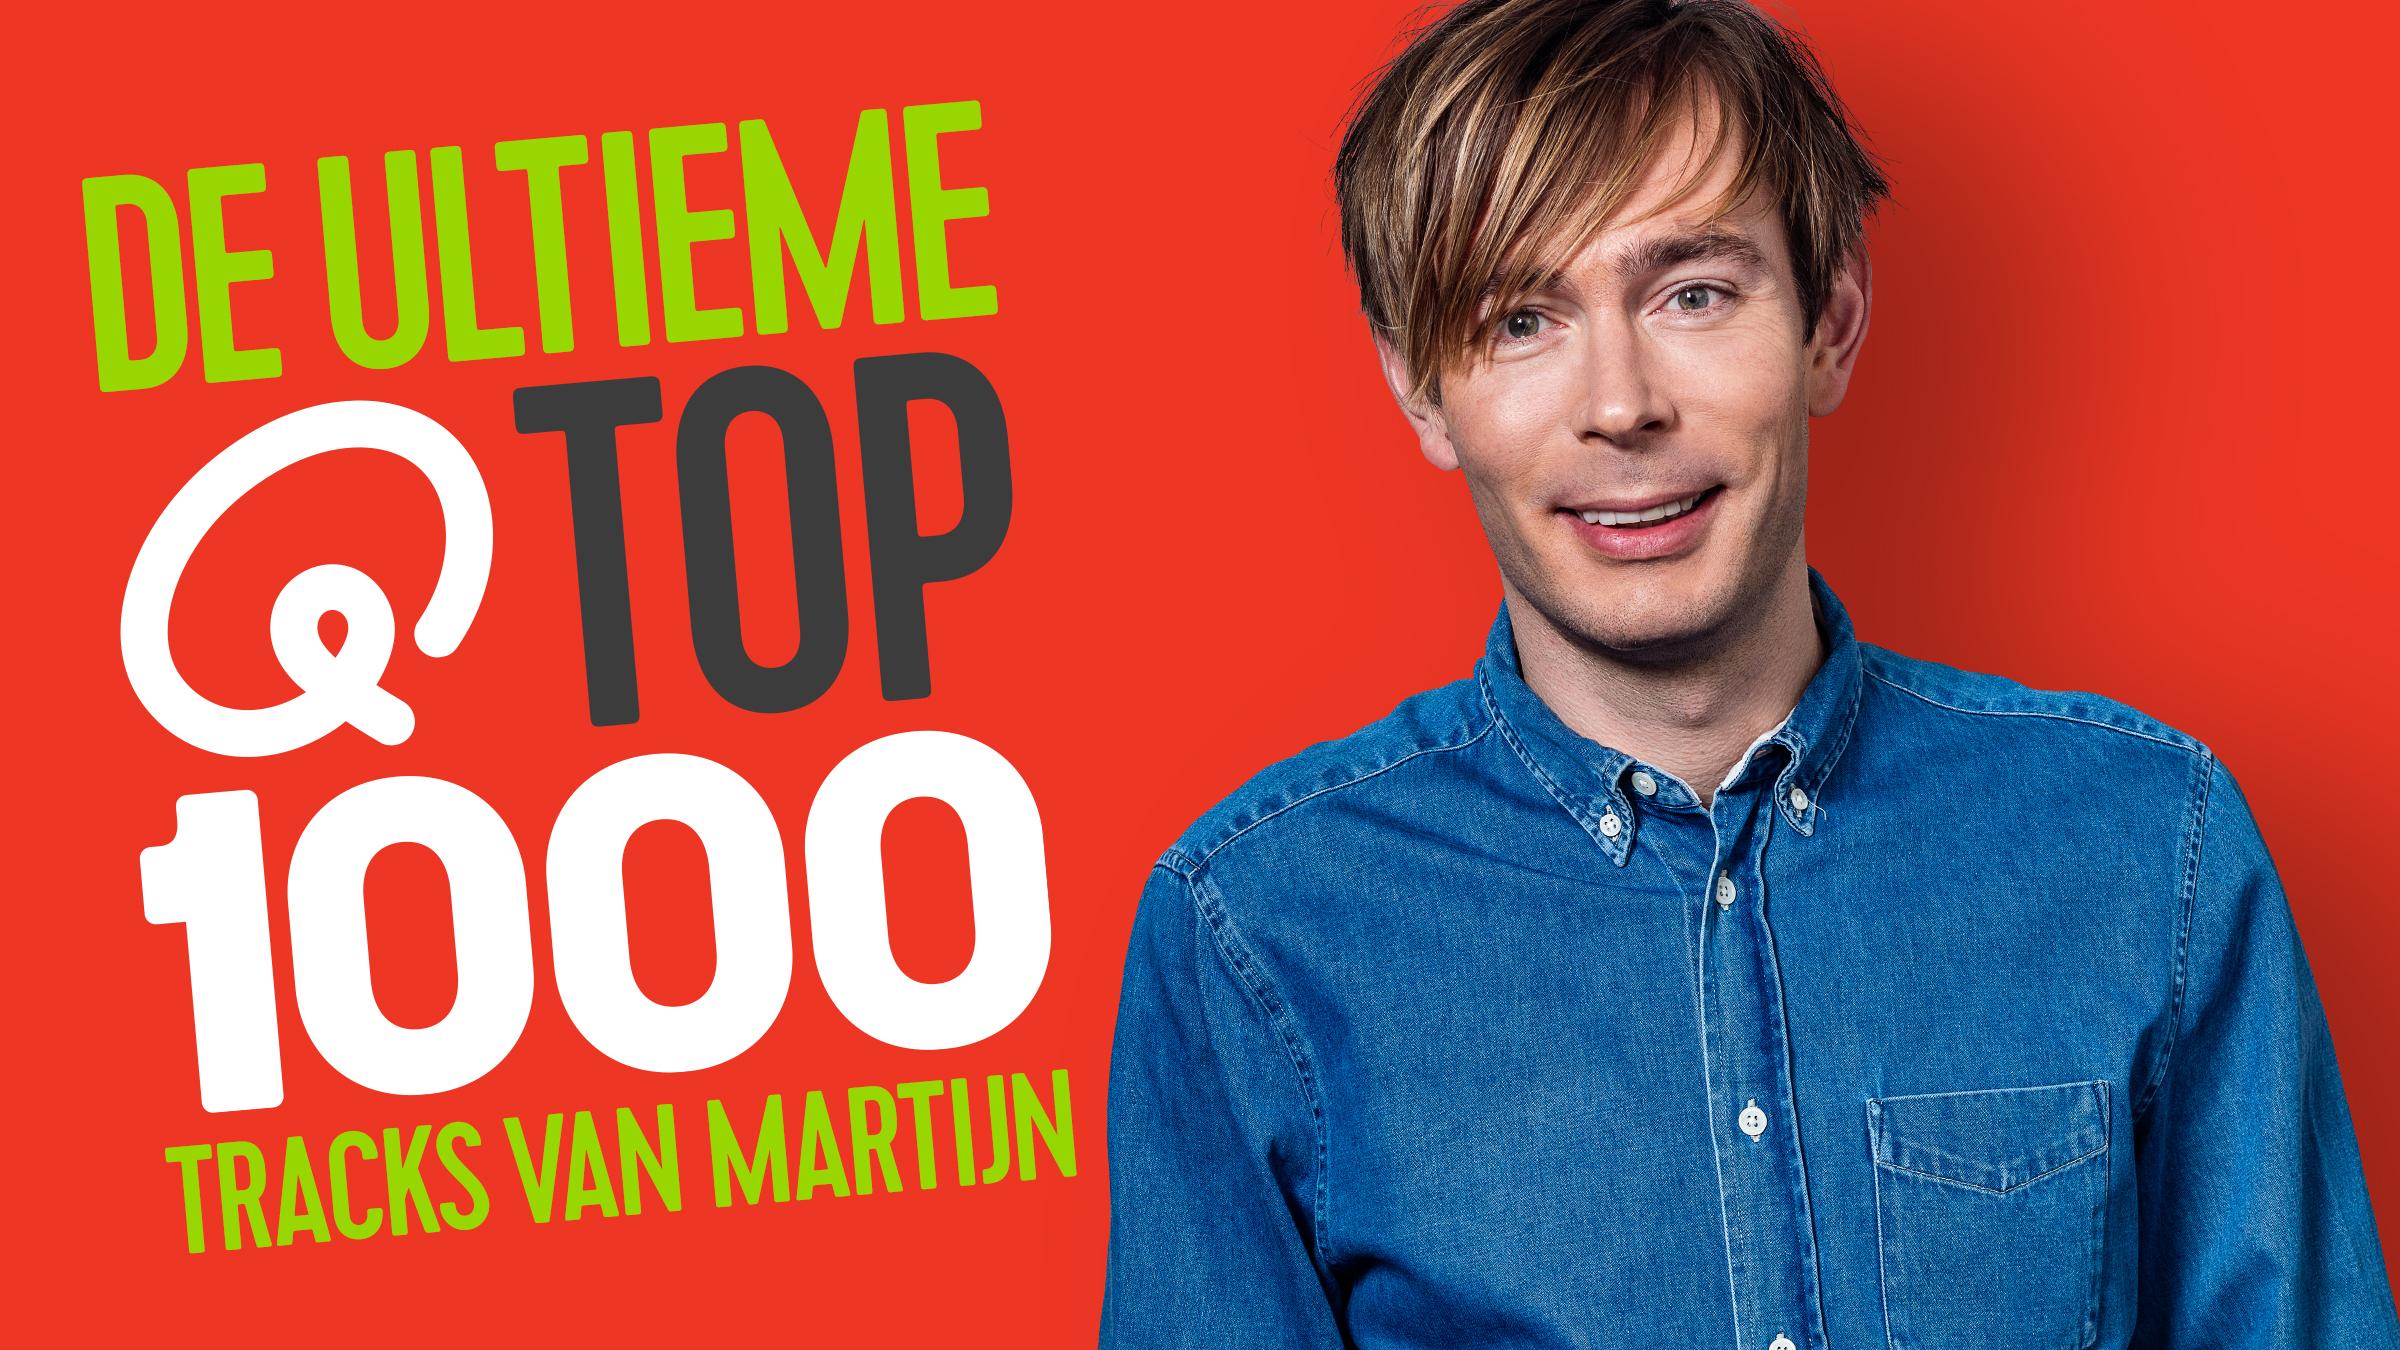 Qmusic teaser qtop1000 dj martijn